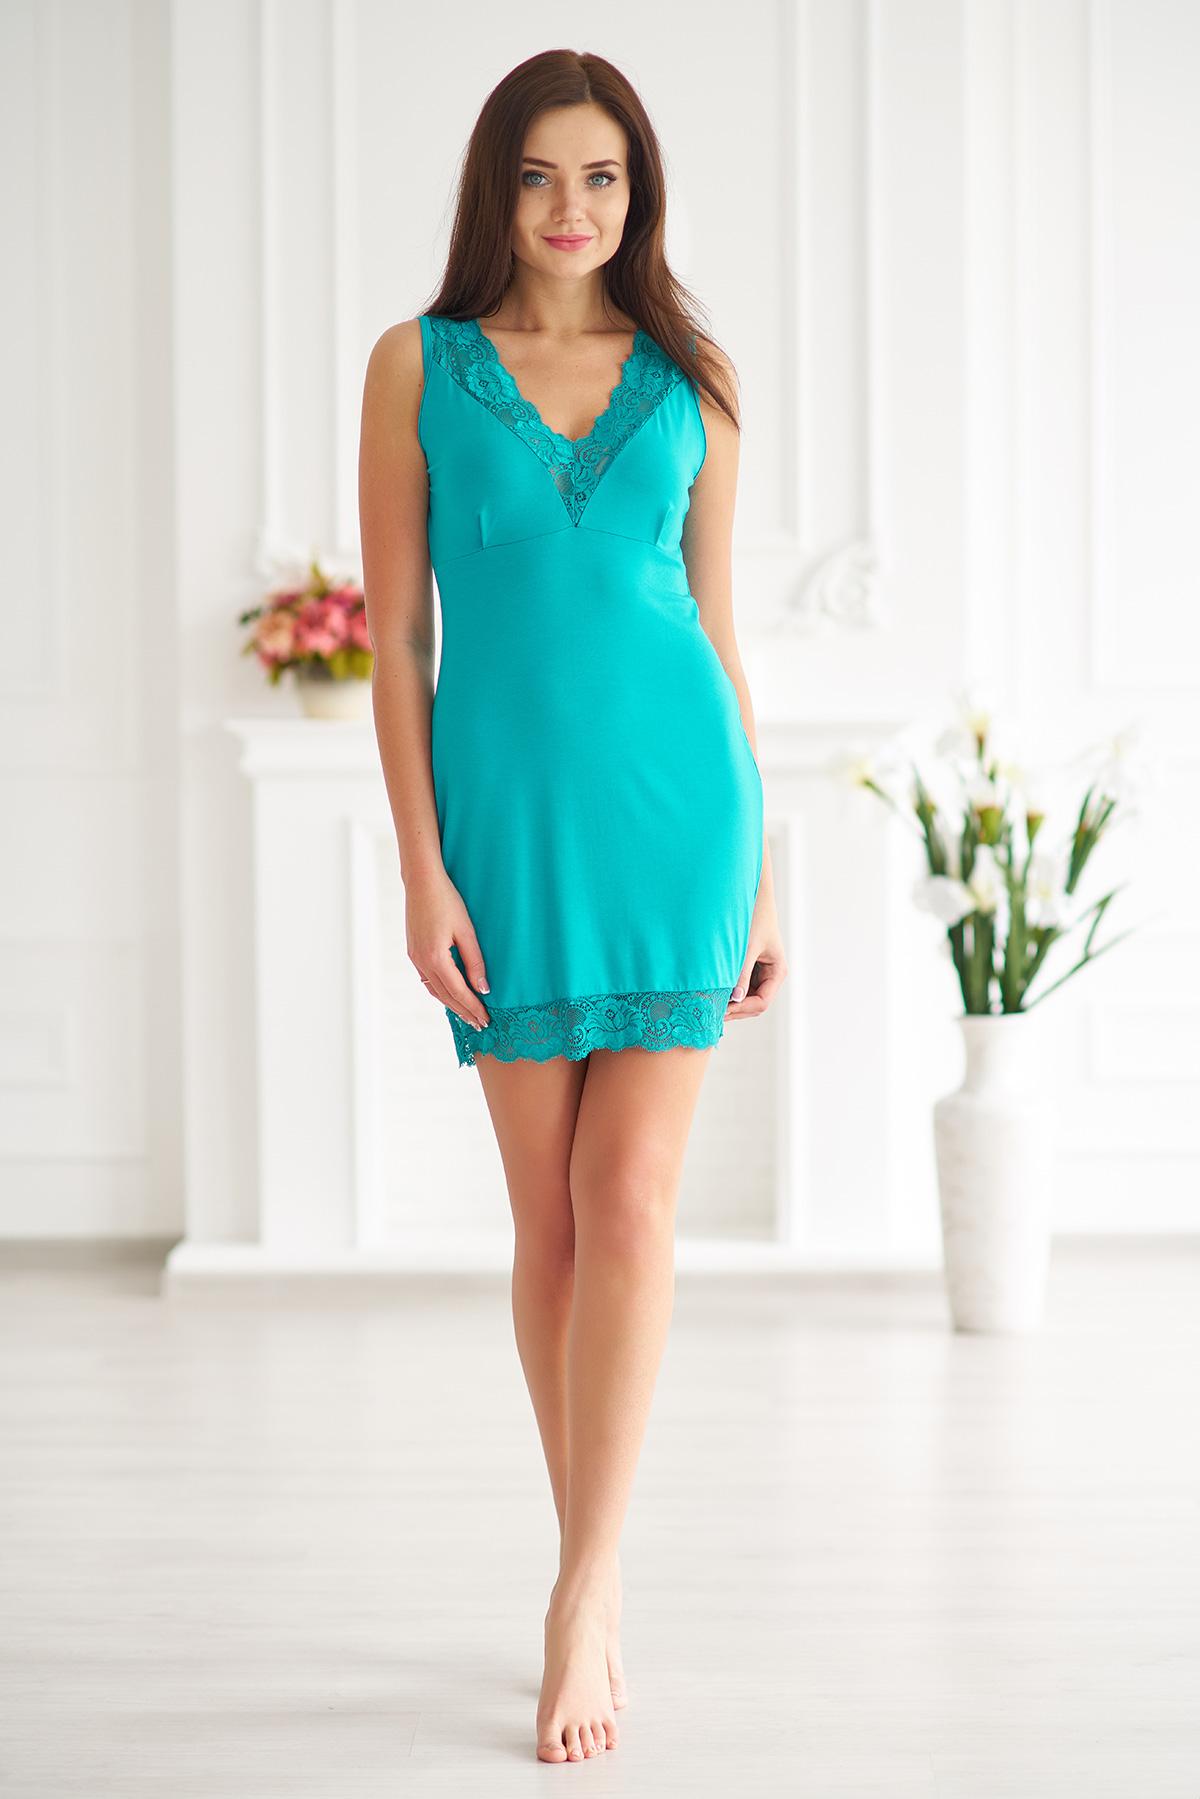 Жен. сорочка арт. 19-0006 Изумрудный р. 42Ночные сорочки<br>Факт. ОГ: 66 см <br>Факт. ОТ: 70 см <br>Факт. ОБ: 82 см <br>Длина по спинке: 76 см<br><br>Тип: Жен. сорочка<br>Размер: 42<br>Материал: Вискоза